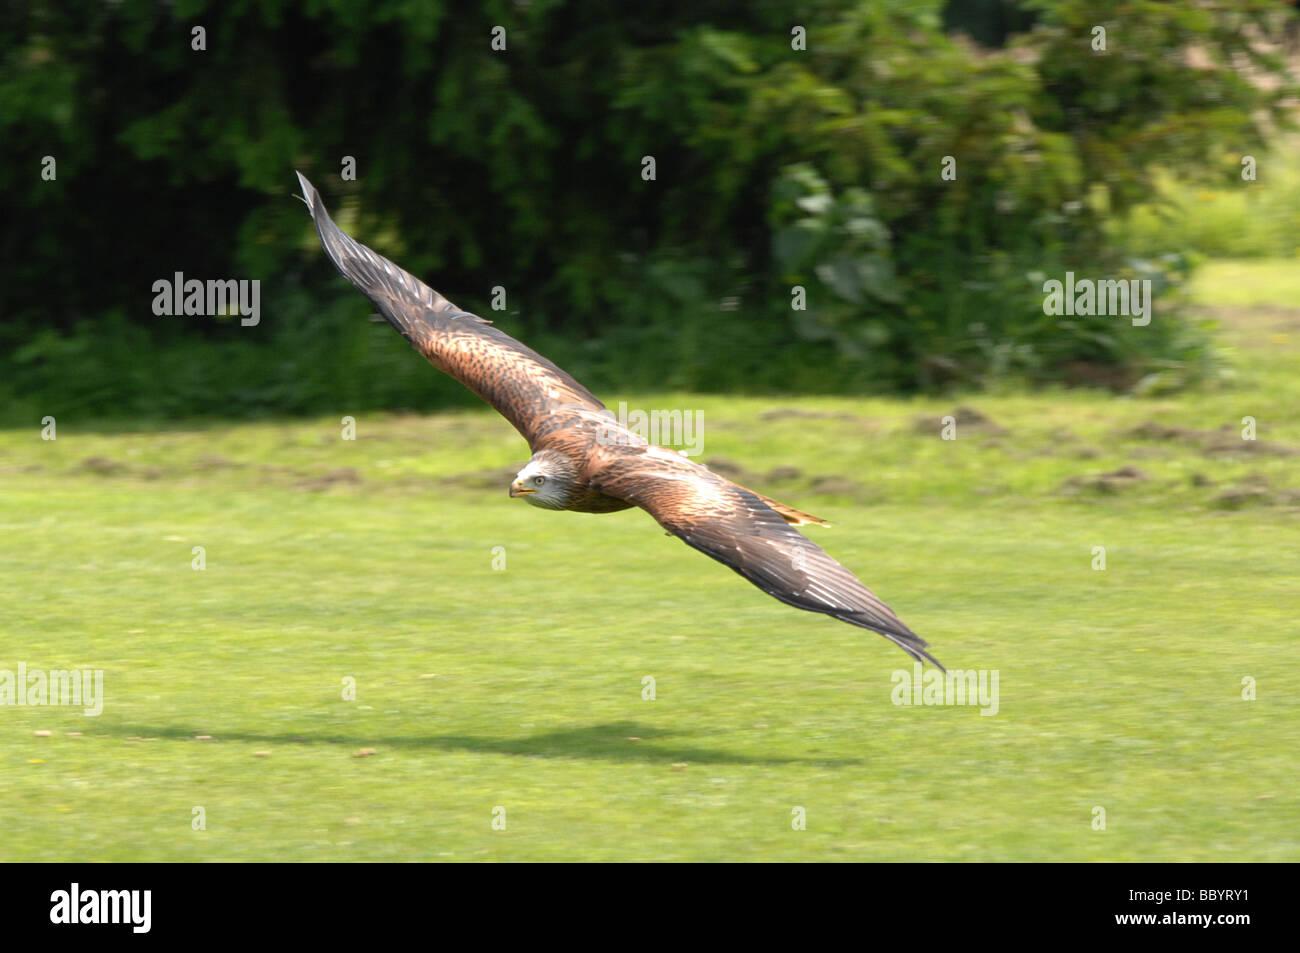 Red Kite in flight - Stock Image